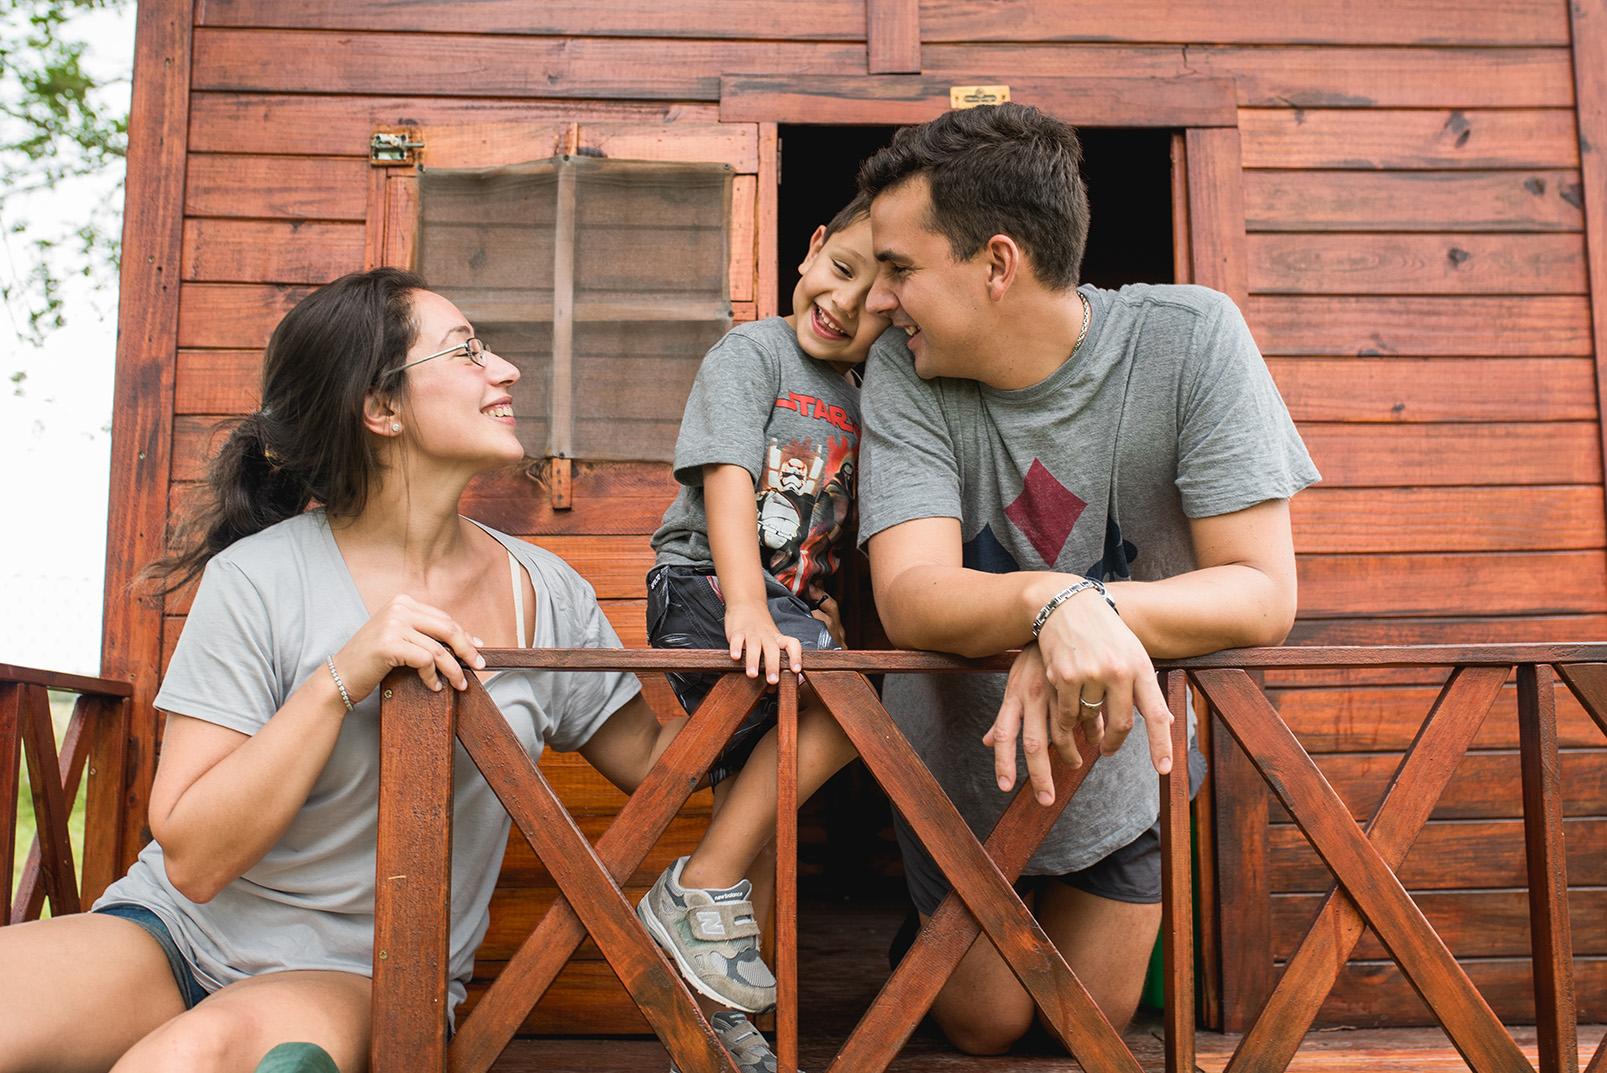 Fotos del cumpleaños de Benja en Rosario realizadas por Bucle Fotografias Flor Bosio y Caro Clerici